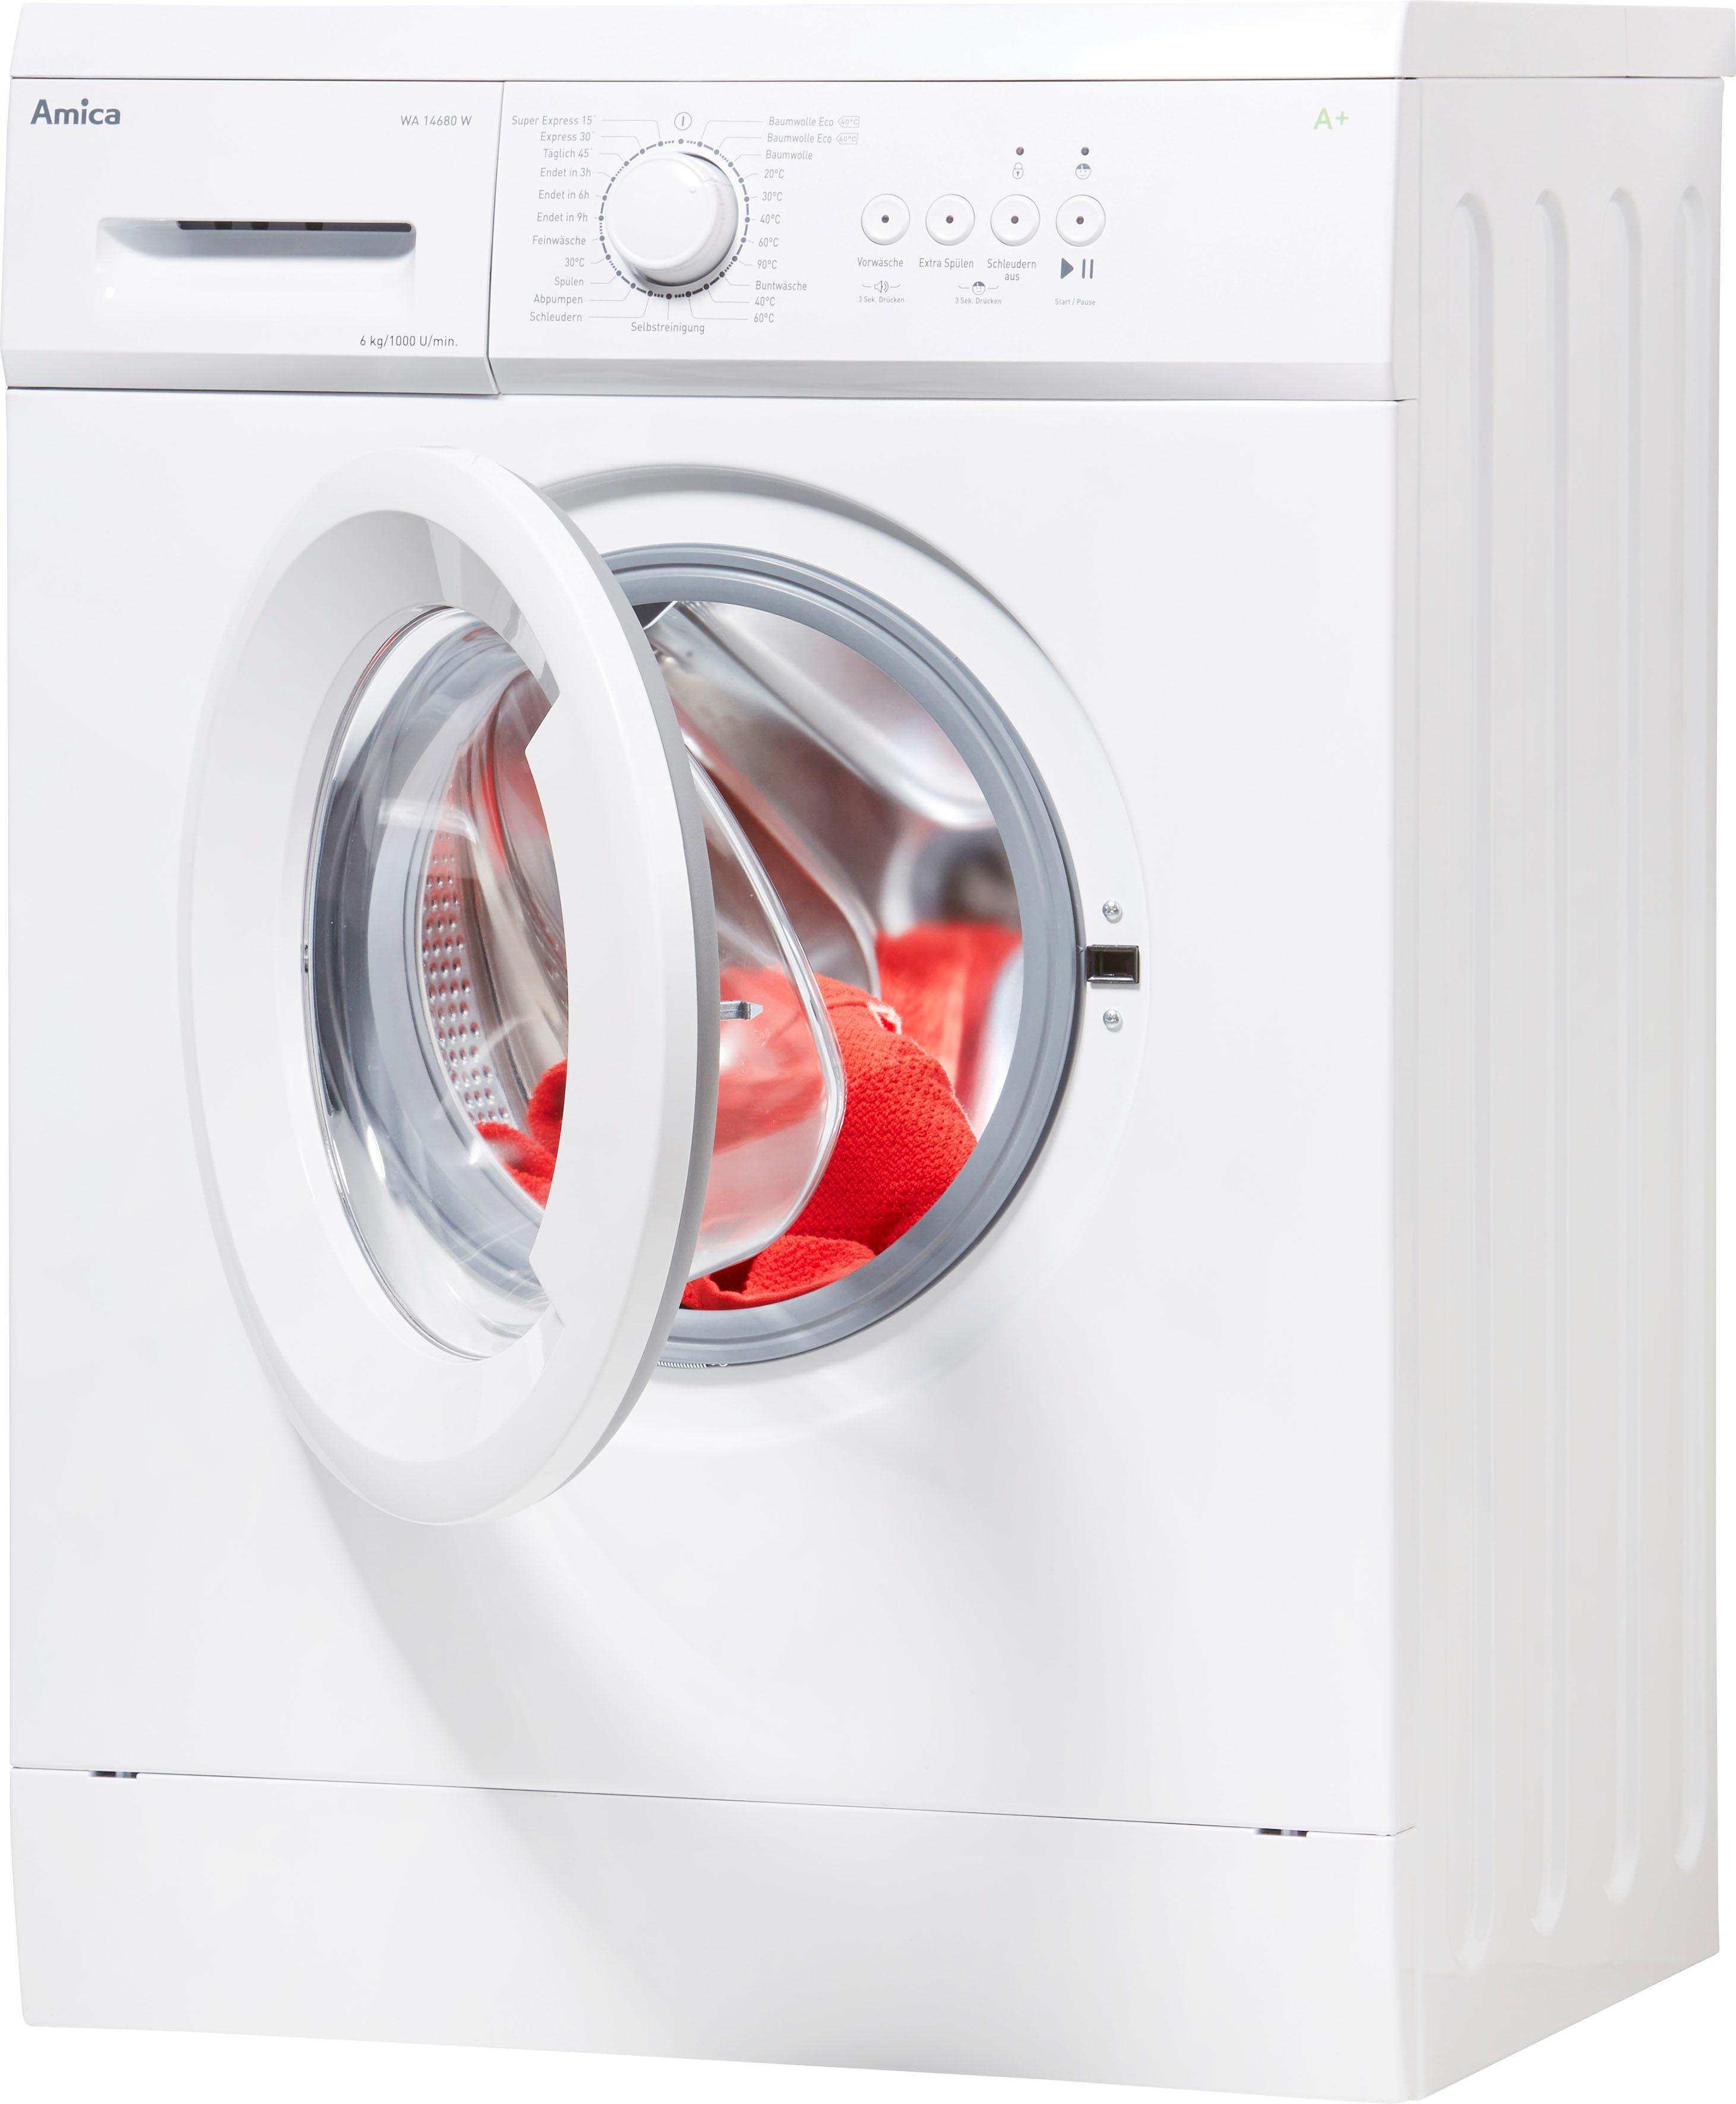 Amica Waschmaschine Slim Line WA 14680 W | Bad > Waschmaschinen und Trockner > Frontlader | Amica